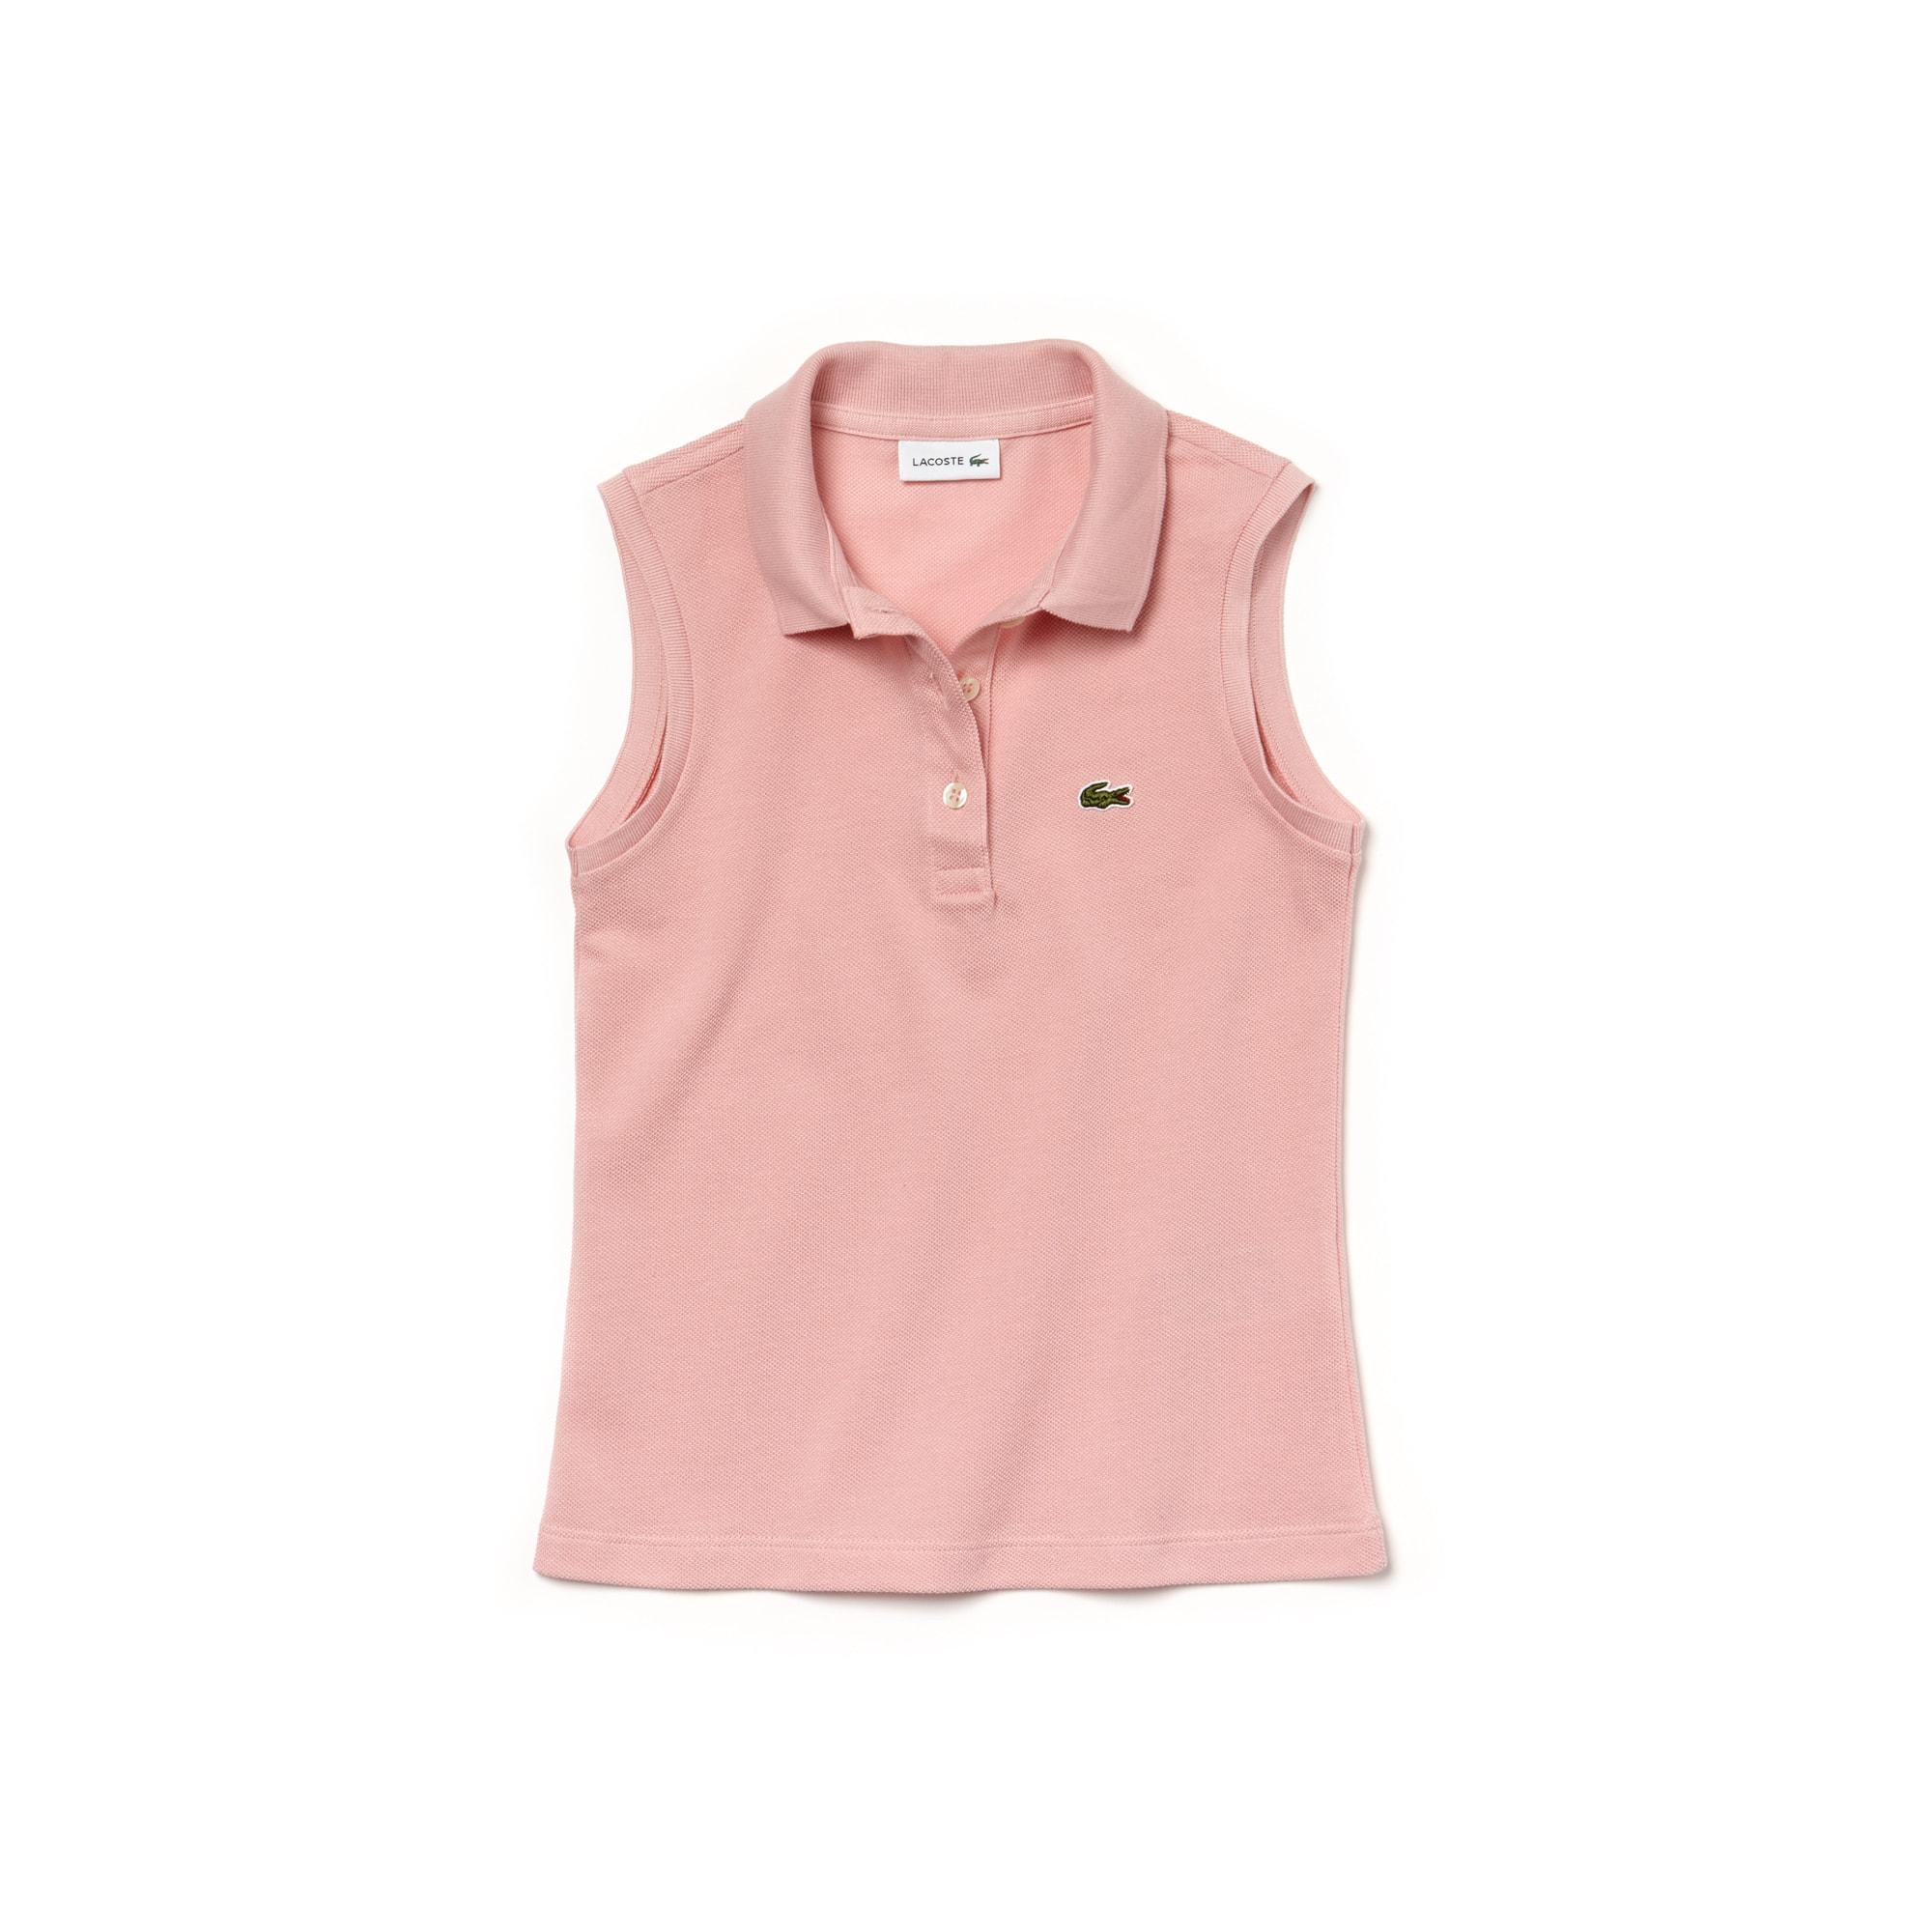 Mädchen-Poloshirt aus Piqué